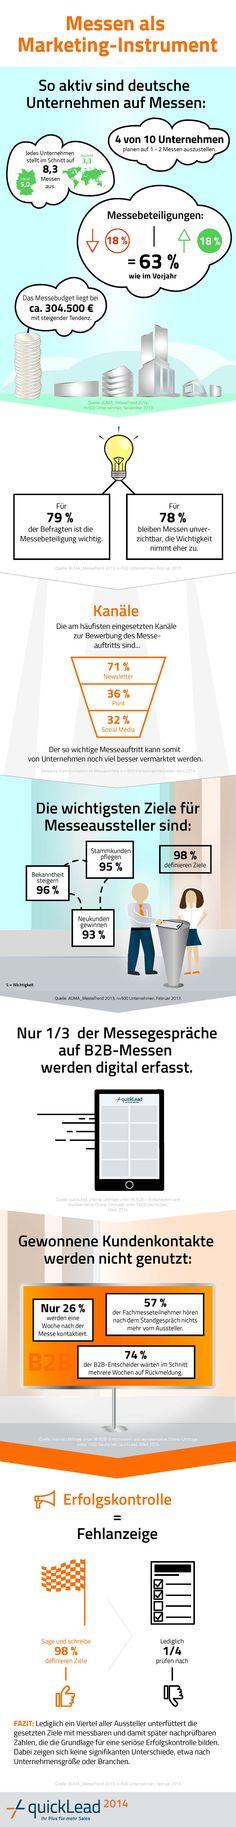 Messemarketing: So aktiv sind deutsche Unternehmen - und so wenig schöpfen das Potenzial ihres Messestands aus. #quickLead #Leadgenerierung #Leadmanagement